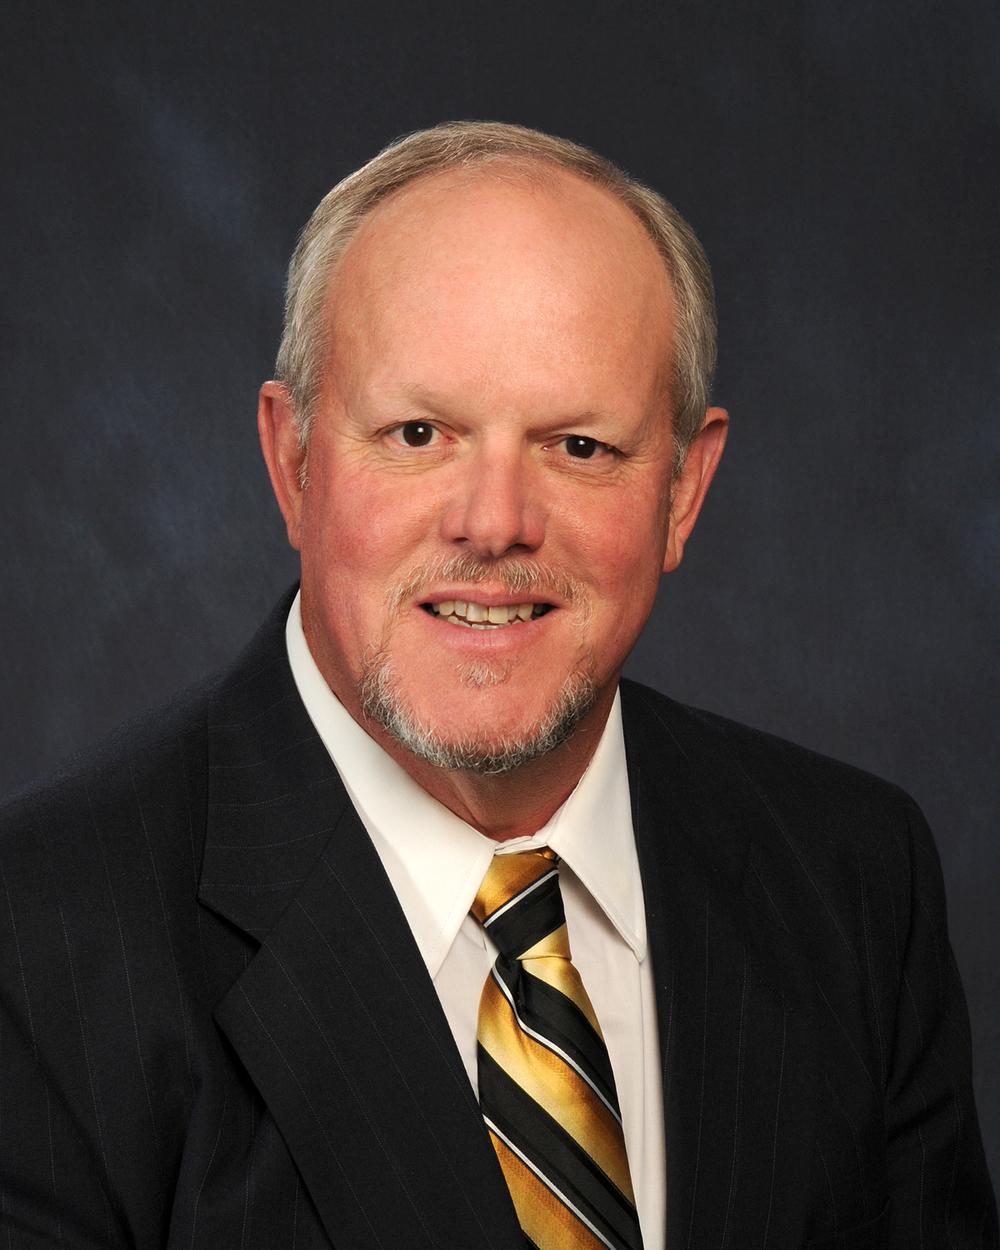 Harvey Hammock, Senior Vice President, Safety